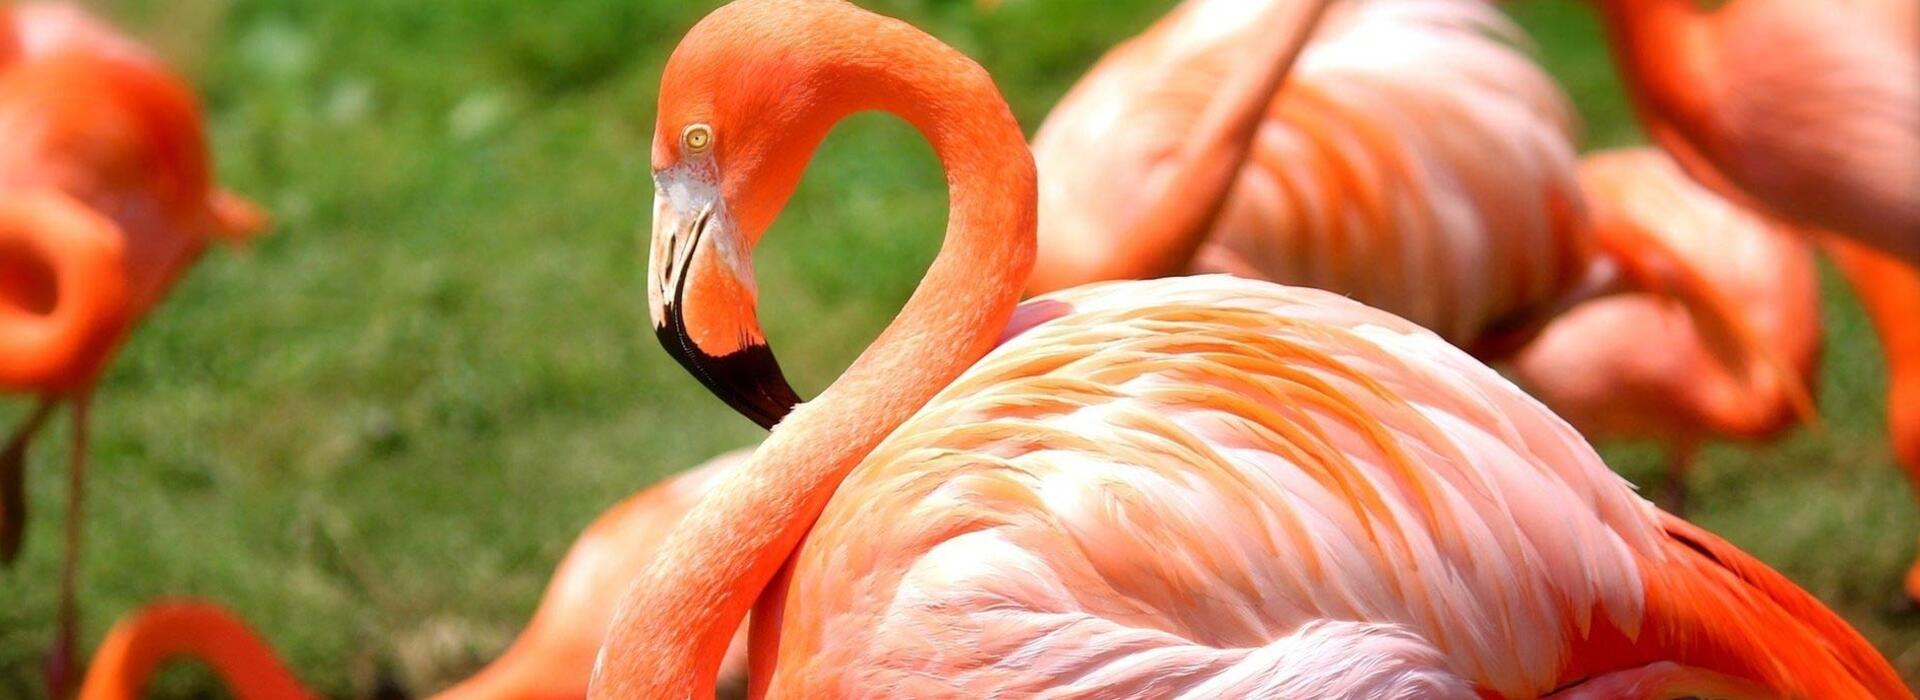 hotelvictoria de parco-zoo 015